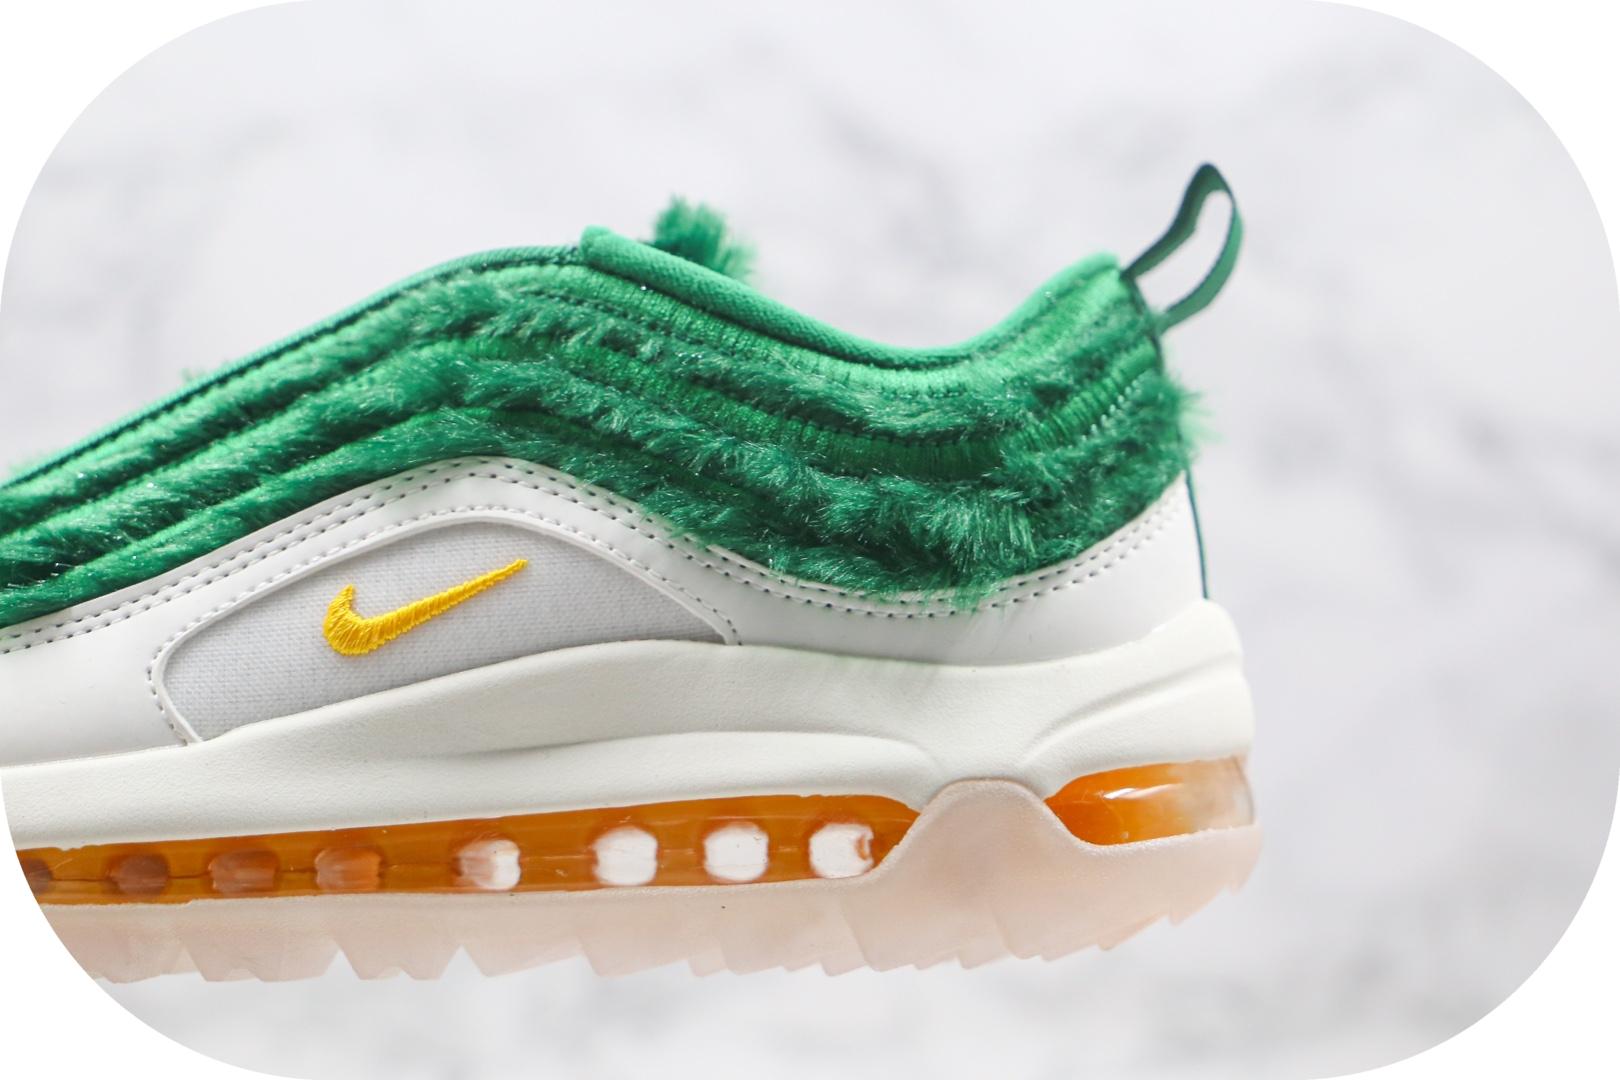 耐克Nike Golf Air Max 97纯原版本高尔夫联名款Max97气垫鞋绿草圣诞节配色原档案数据开发 货号:CK4437-100